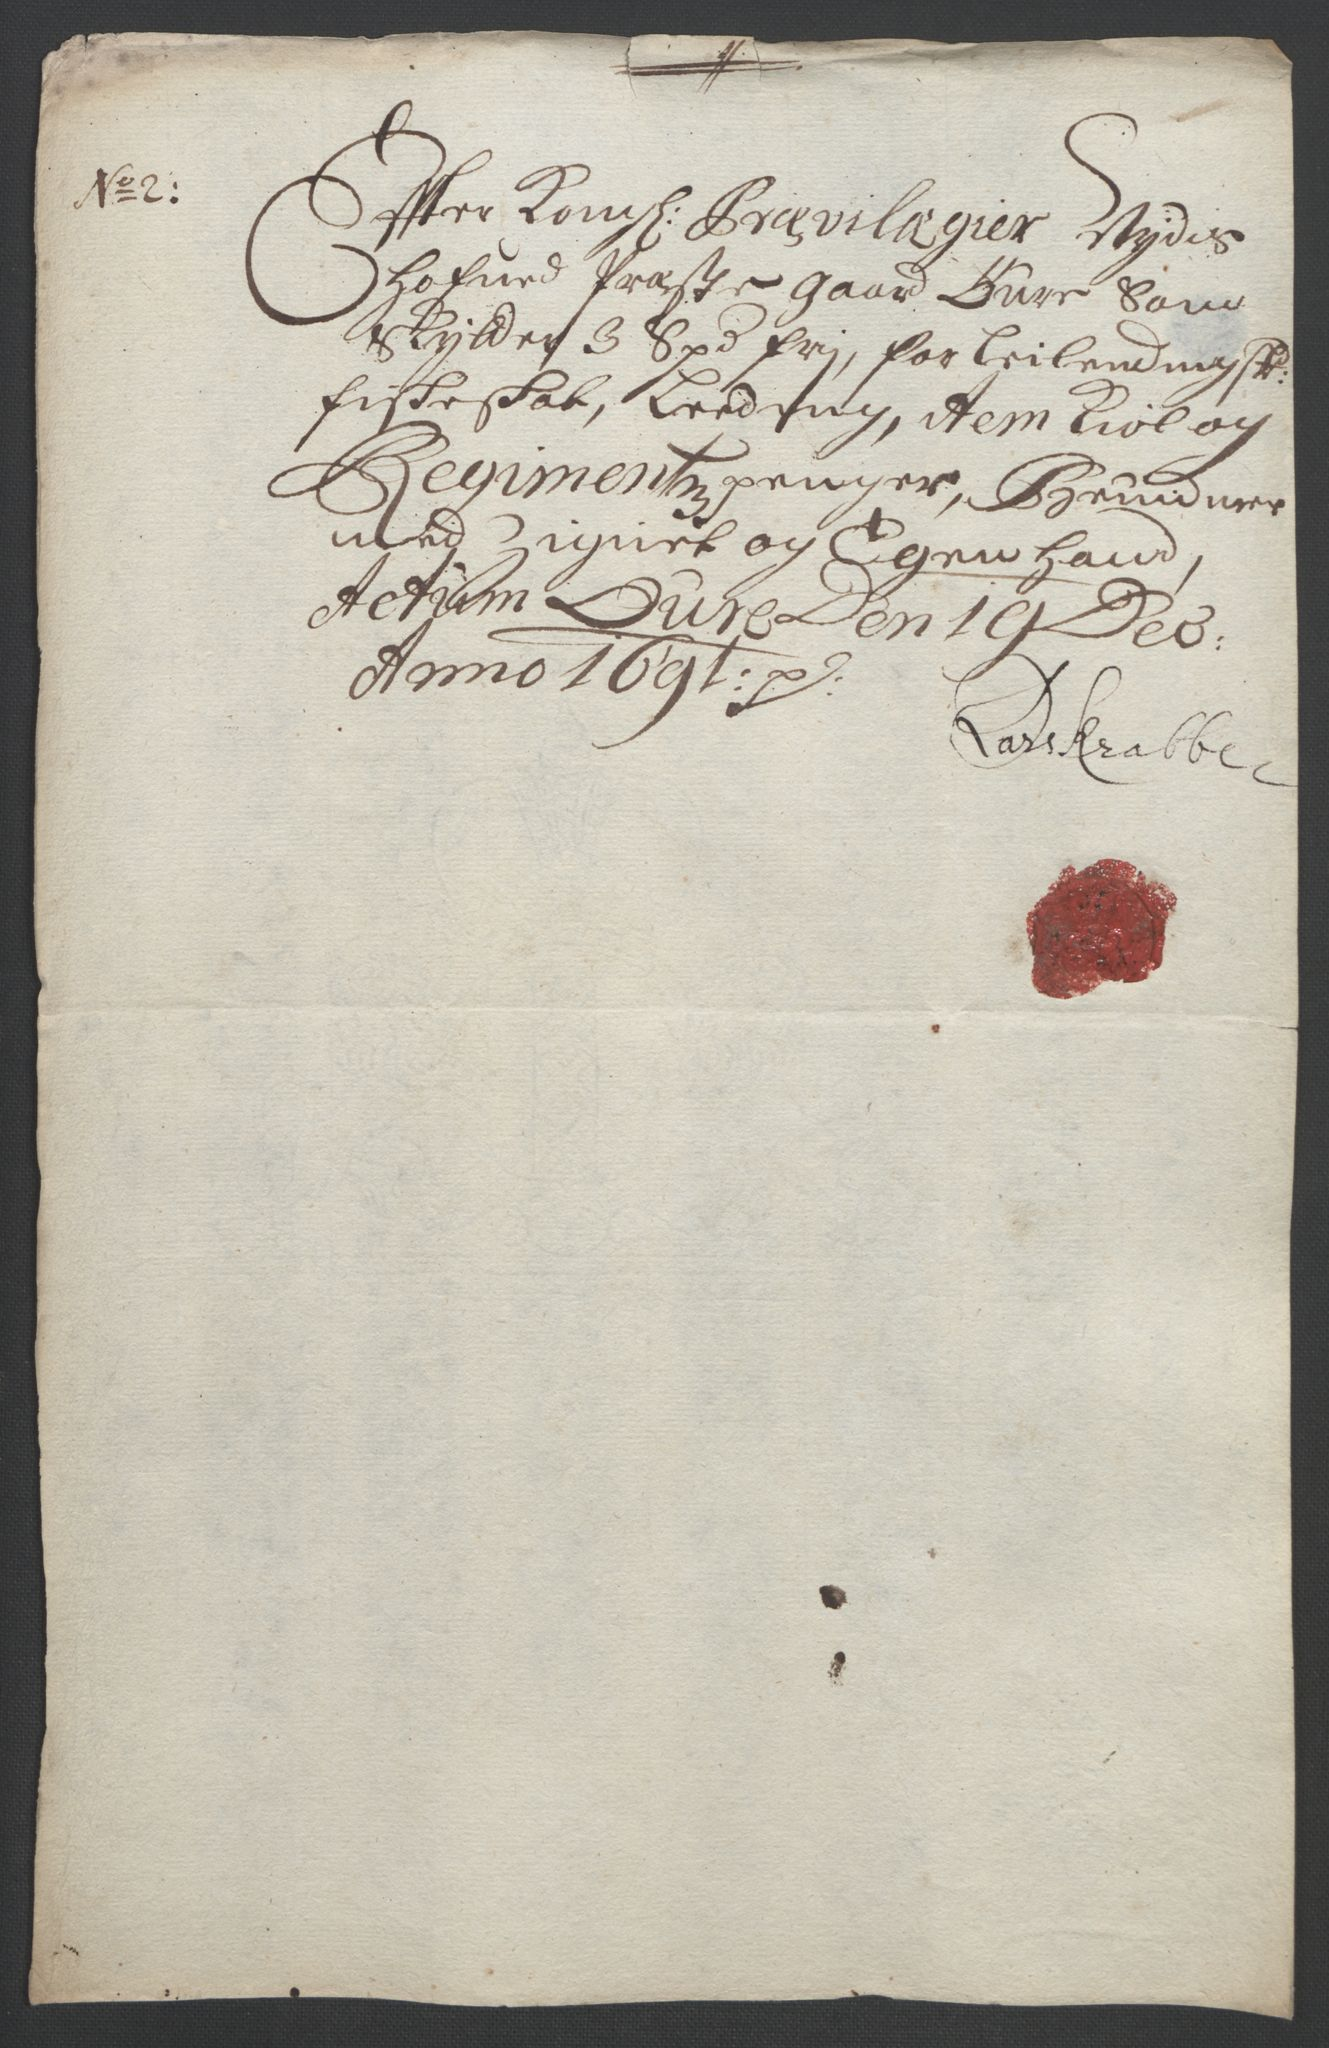 RA, Rentekammeret inntil 1814, Reviderte regnskaper, Fogderegnskap, R56/L3734: Fogderegnskap Nordmøre, 1690-1691, s. 403